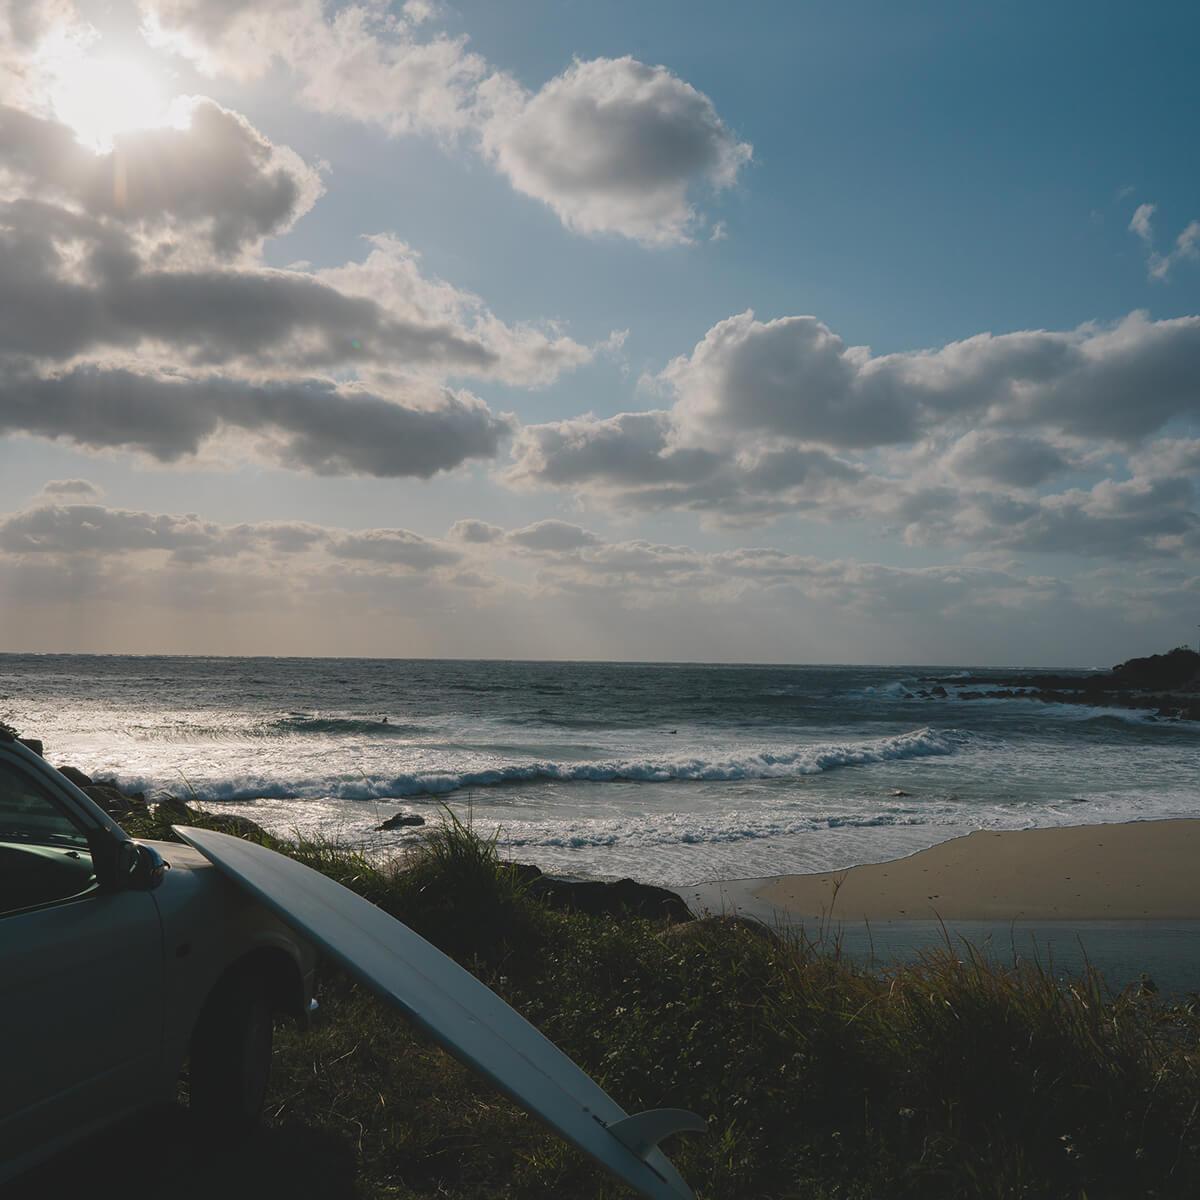 屋久島の海 サーフボード、車 屋久島海とジュエリー オーダーメイドマリッジリングのインスピレーション